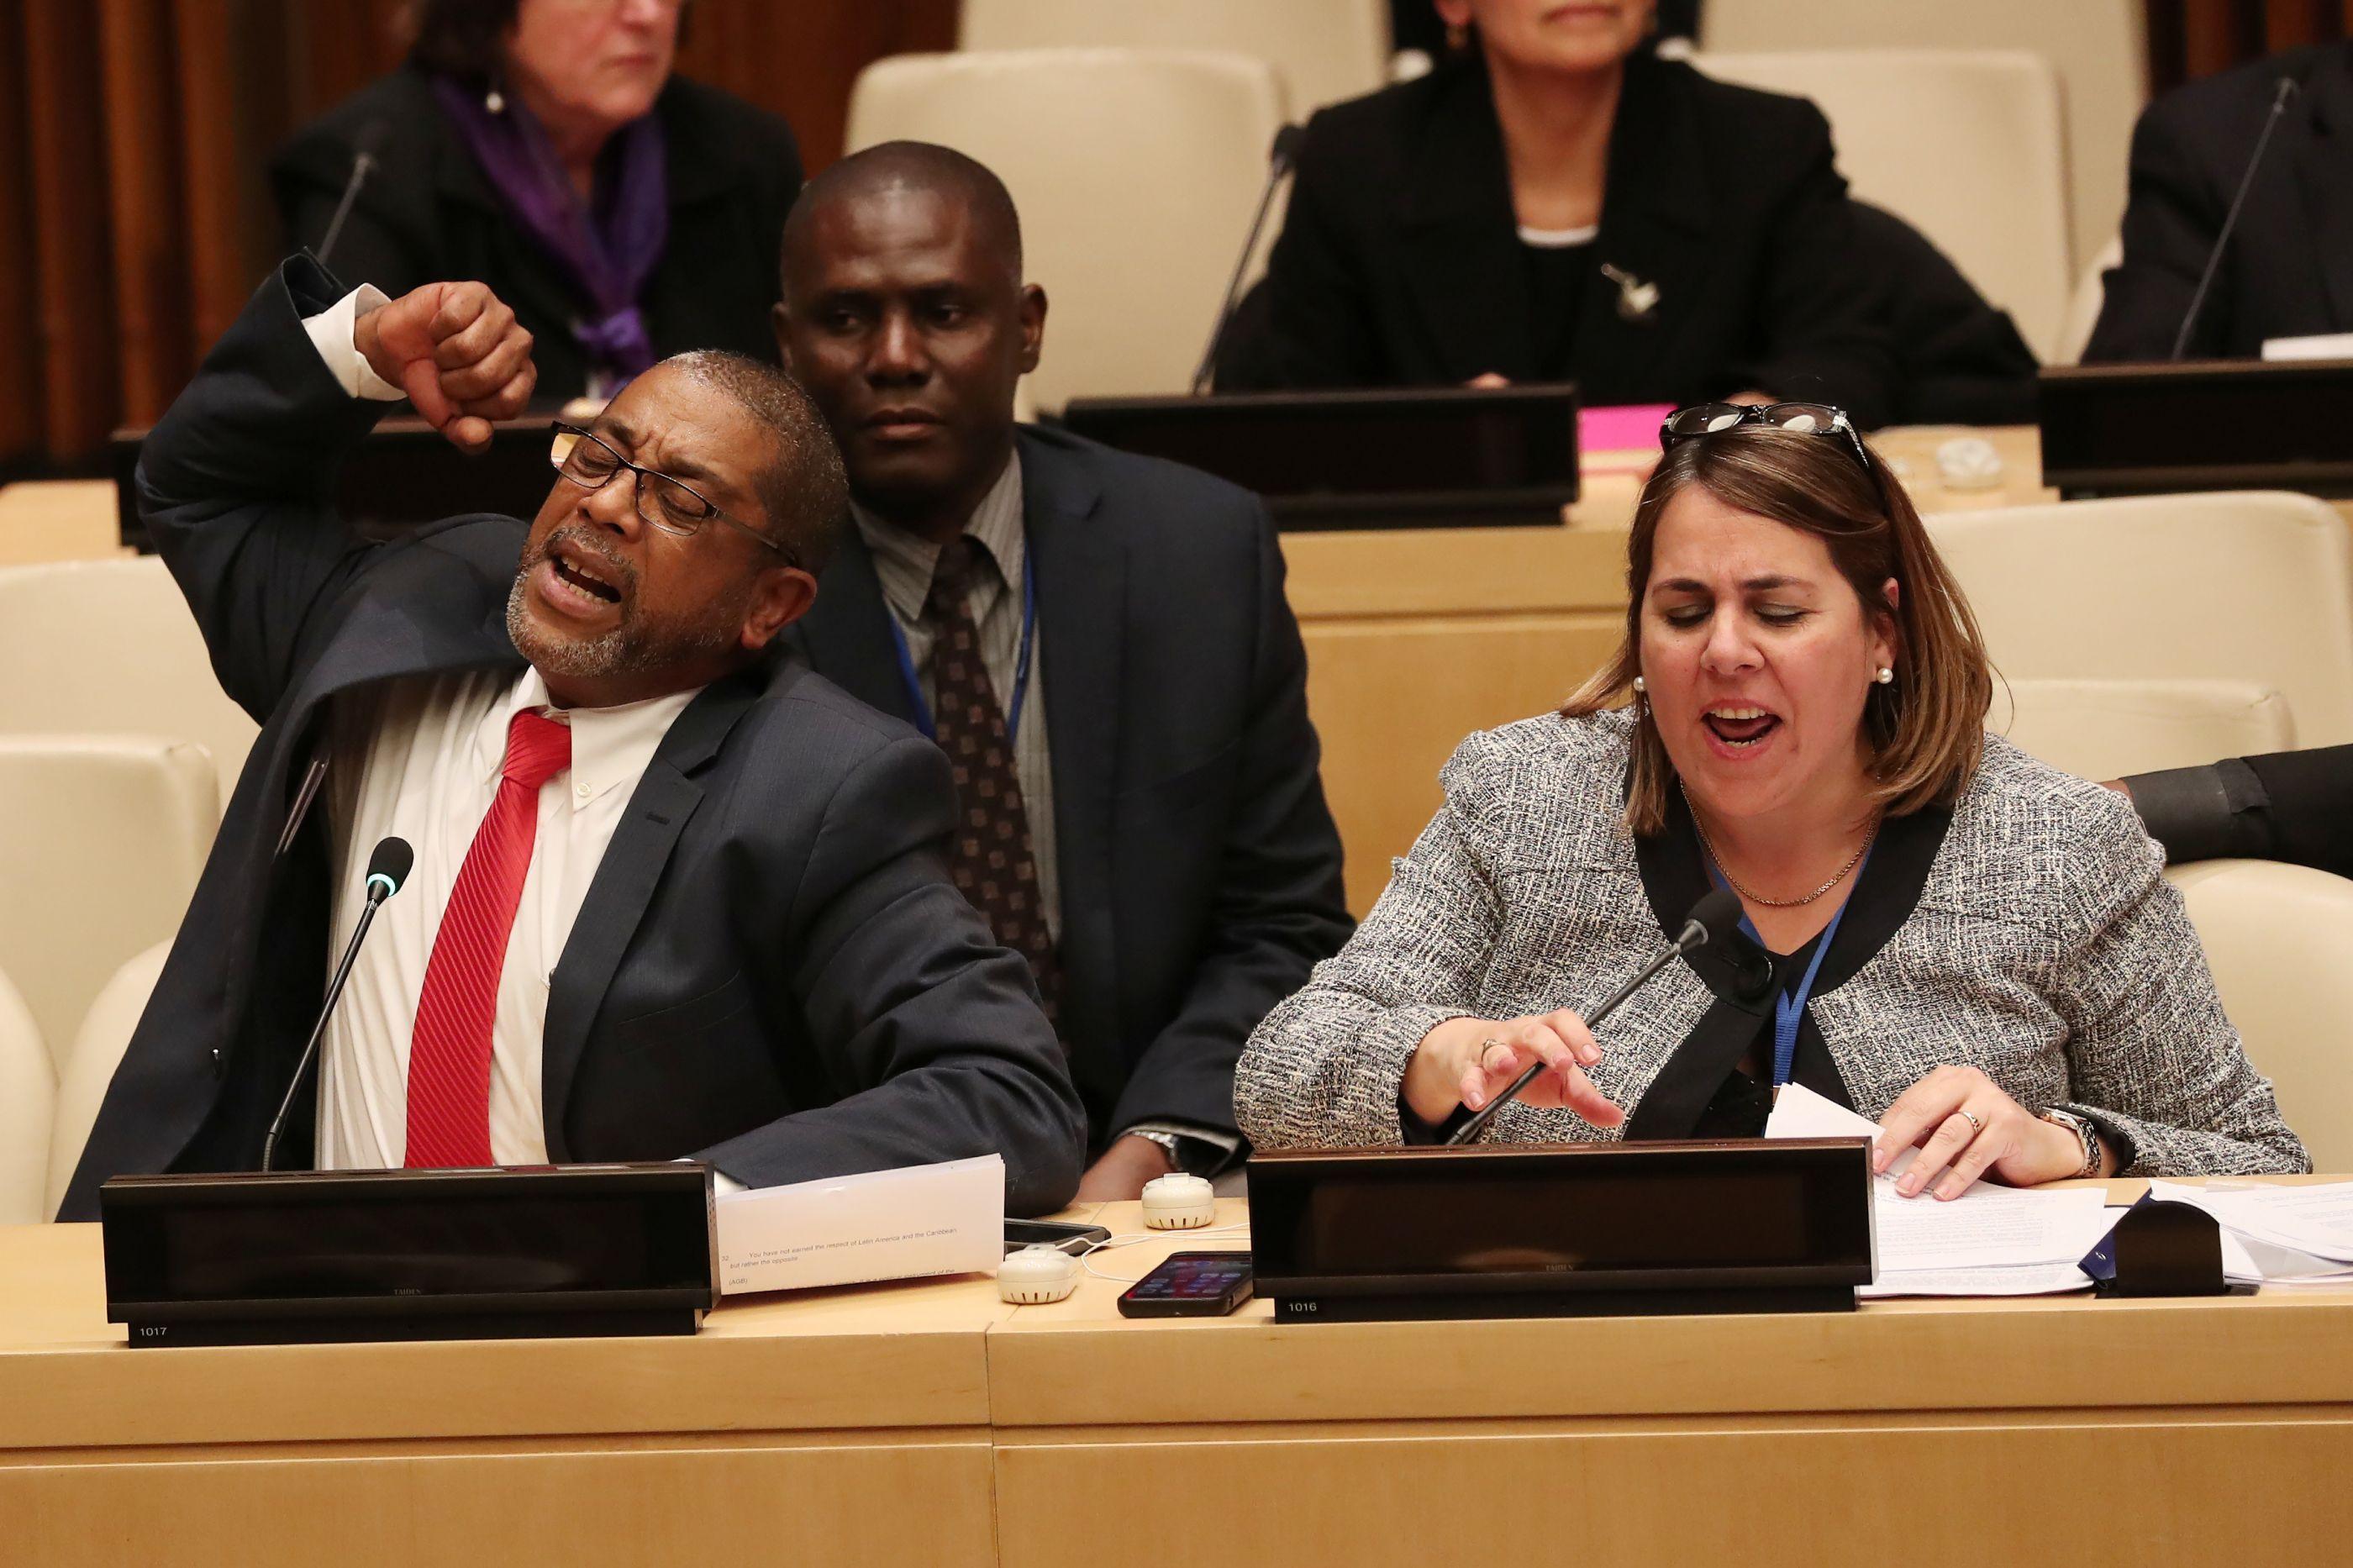 Diplomatas cubanos boicotam com gritos ação dos EUA nas Nações Unidas